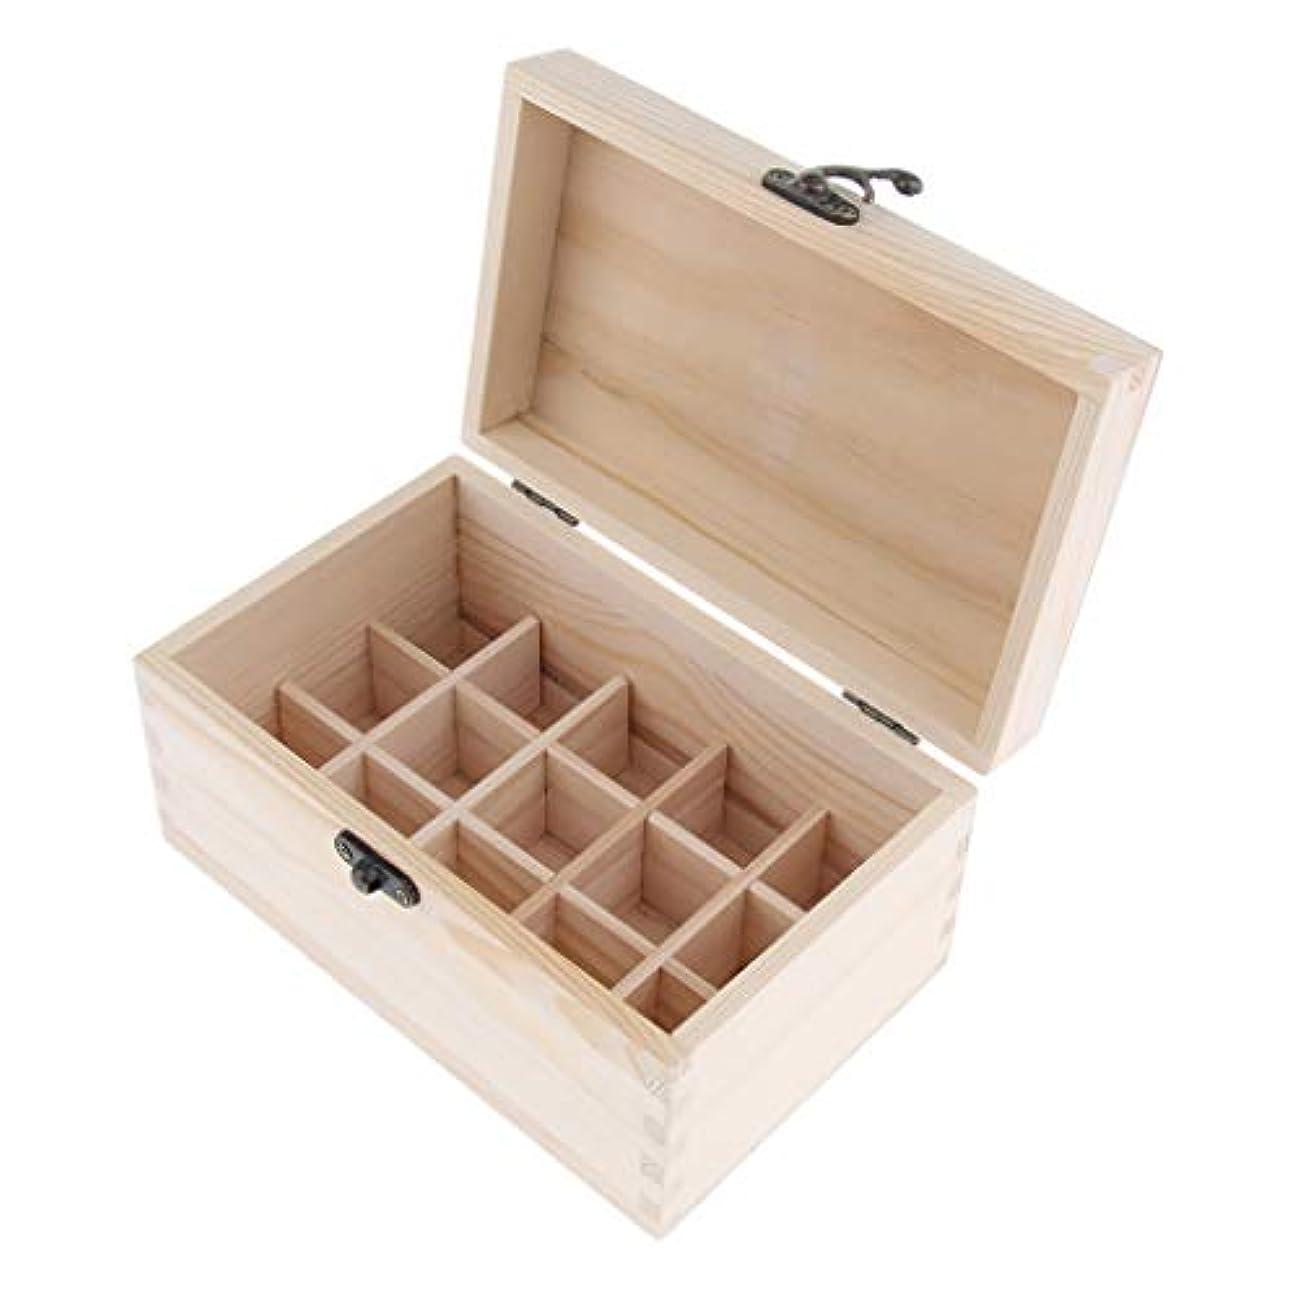 インフラ買い手生態学精油ケース 化粧品収納ボックス 15仕切り 木製 エッセンシャルオイル コンパクト 携帯便利 実用性